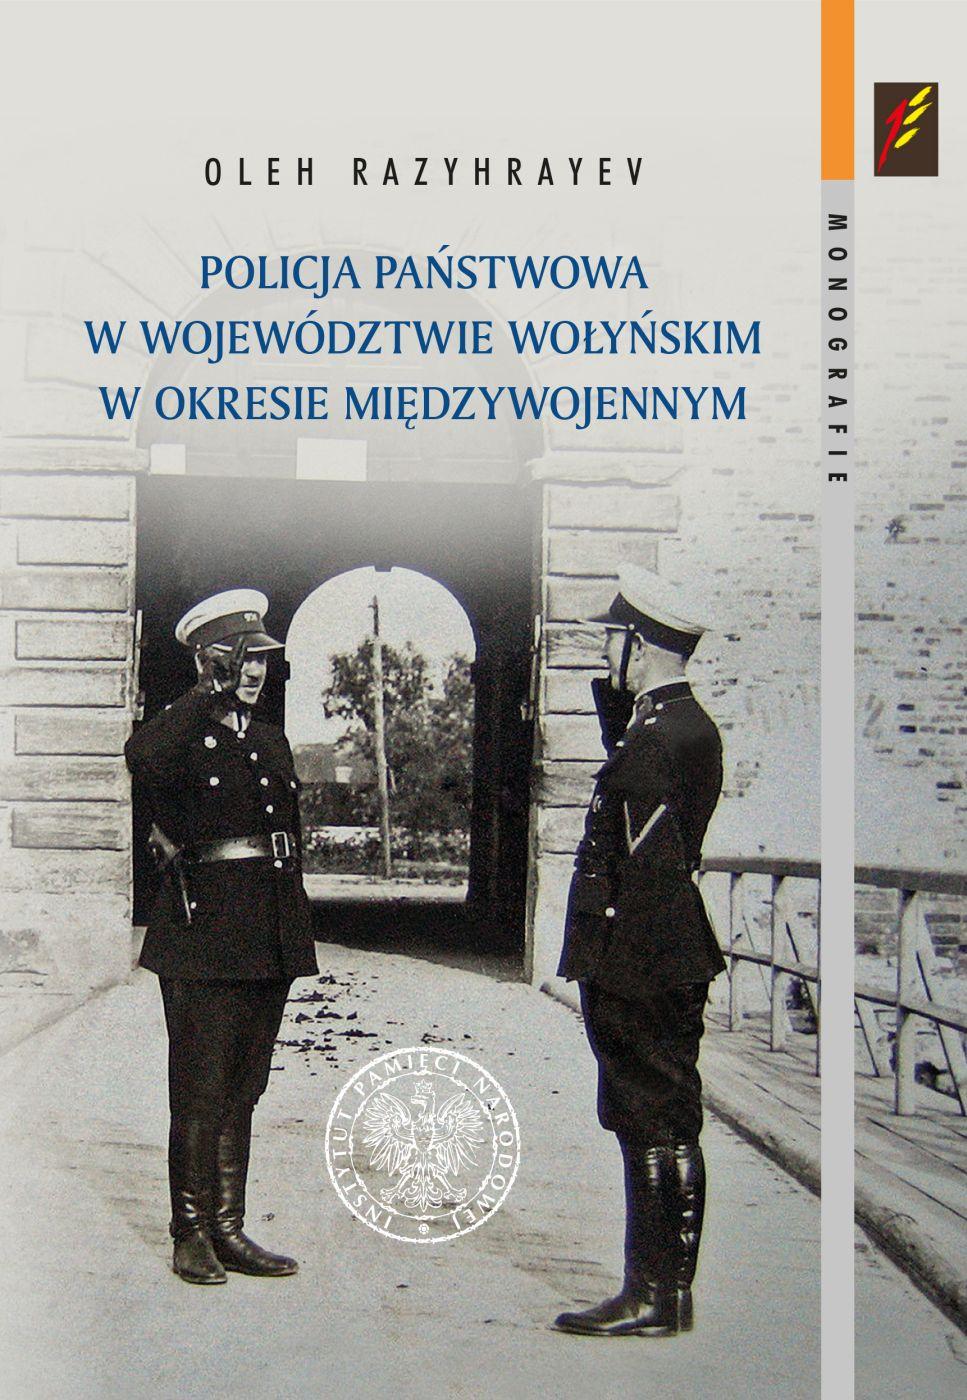 Policja Państwowa w Województwie Wołyńskim w okresie międzywojennym (O.Razyhrayev)